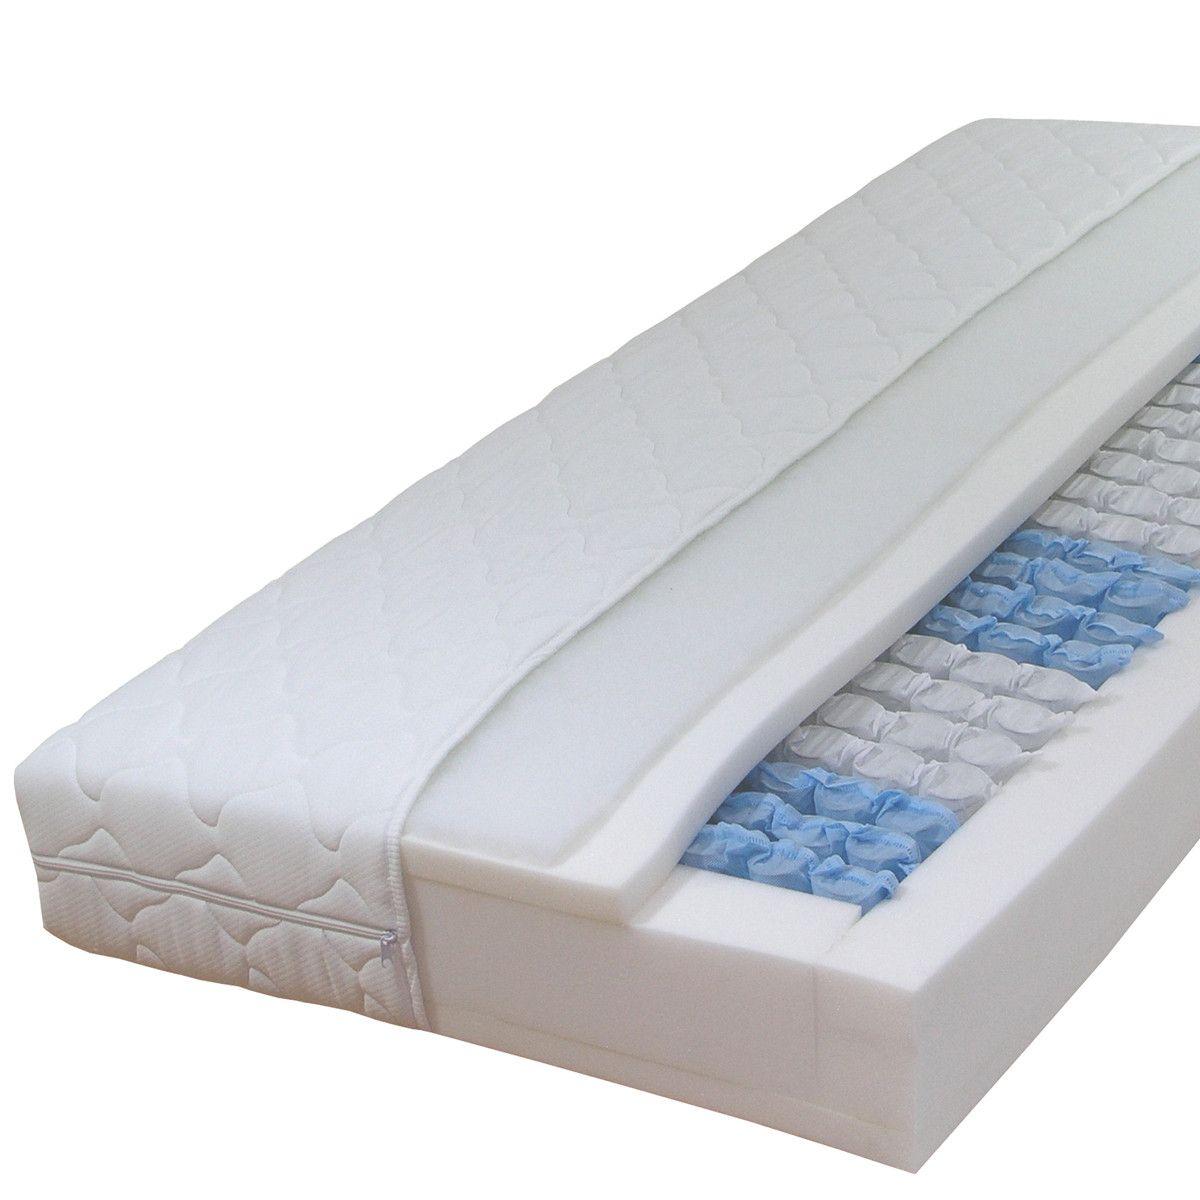 Matratze 90 200 H3 Lovely Tonnentaschenfederkern Matratze T100 Dormispring 7 Zonen Matratze Matratze 90x200 Taschen